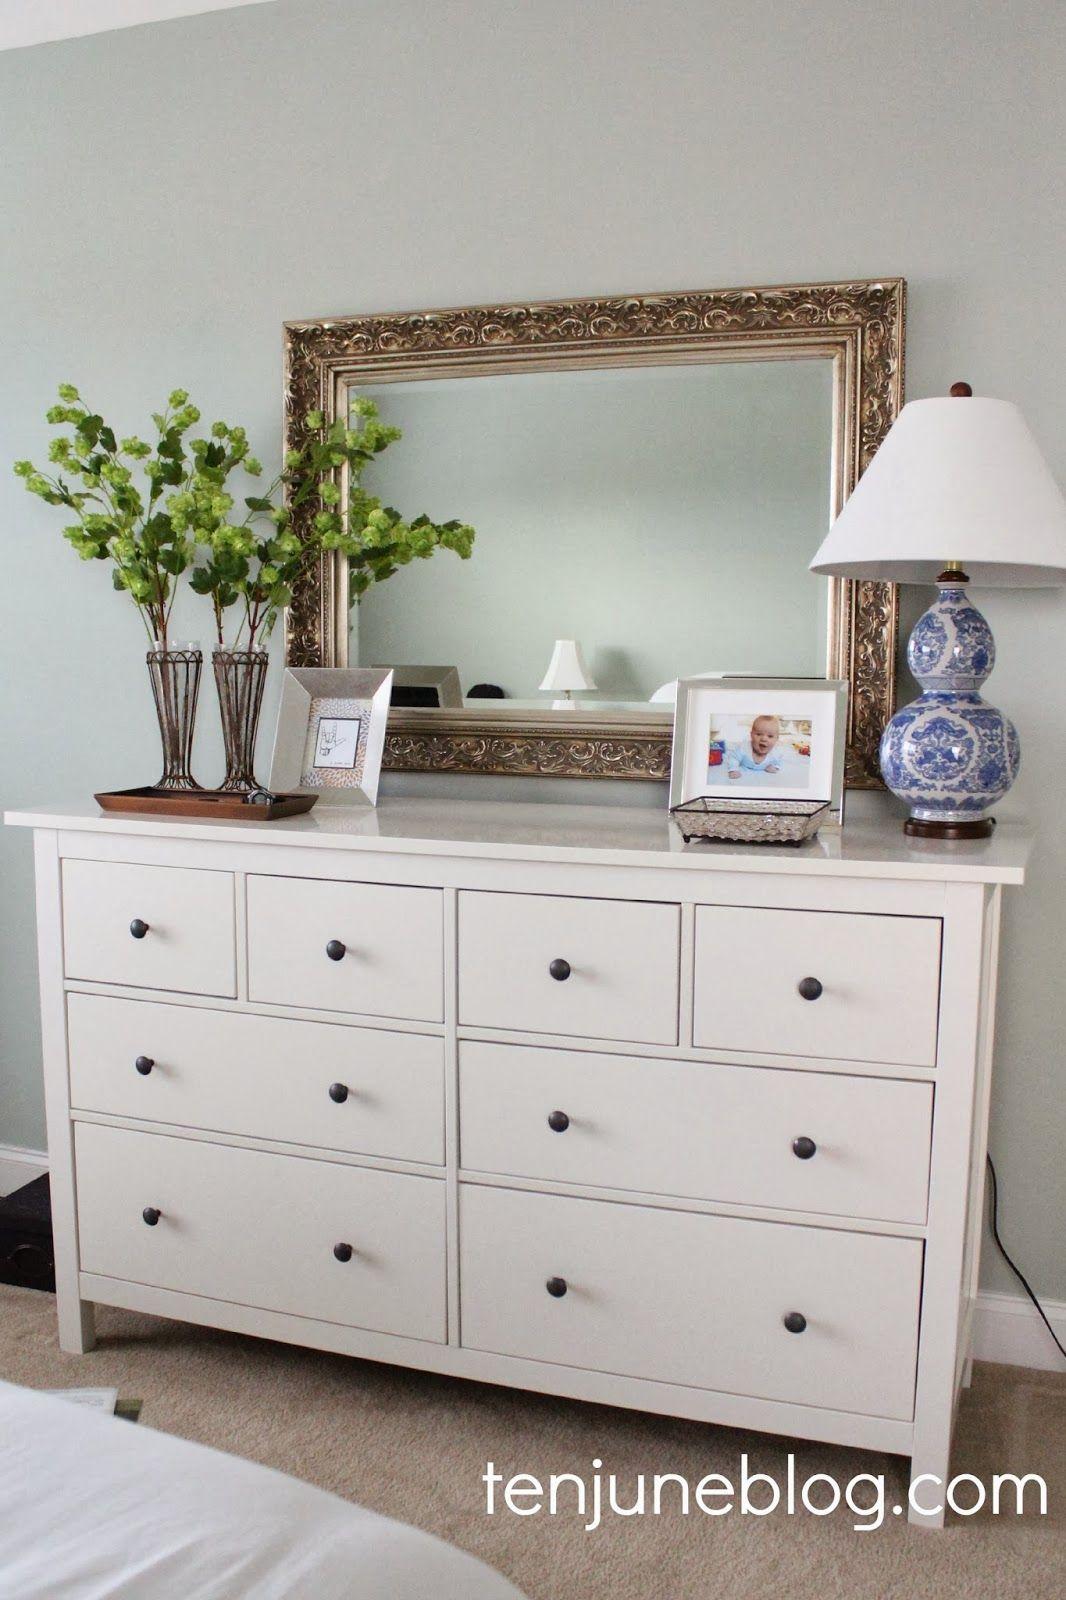 Captivating Master Bedroom Dresser Vignette